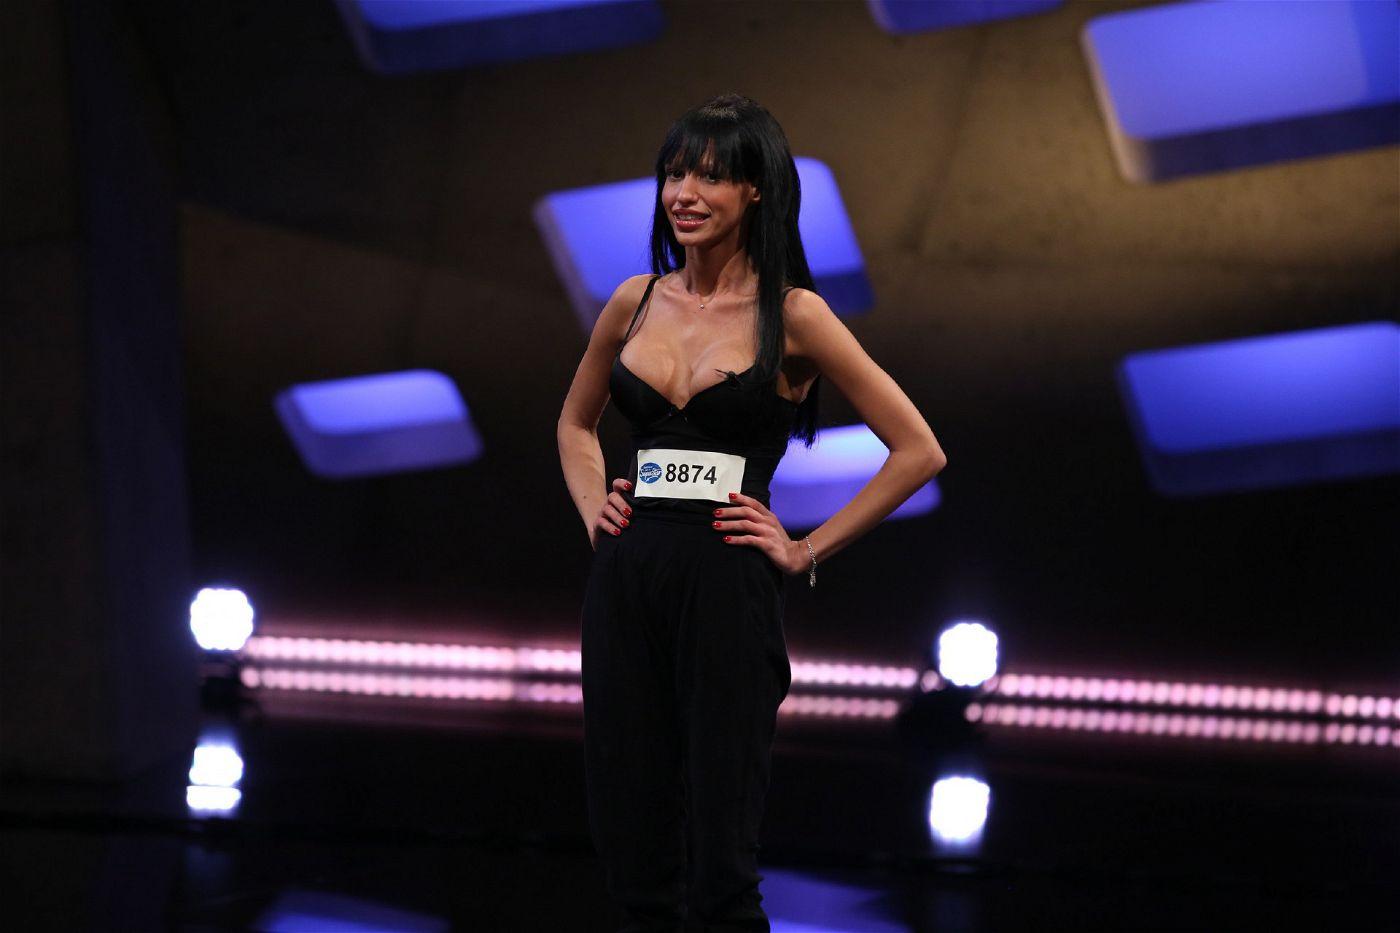 """Das möchte sie auch der Jury beweisen mit """"Ven conmigo"""" von Christina Aguilera und """"Stark"""" von Ich + Ich."""